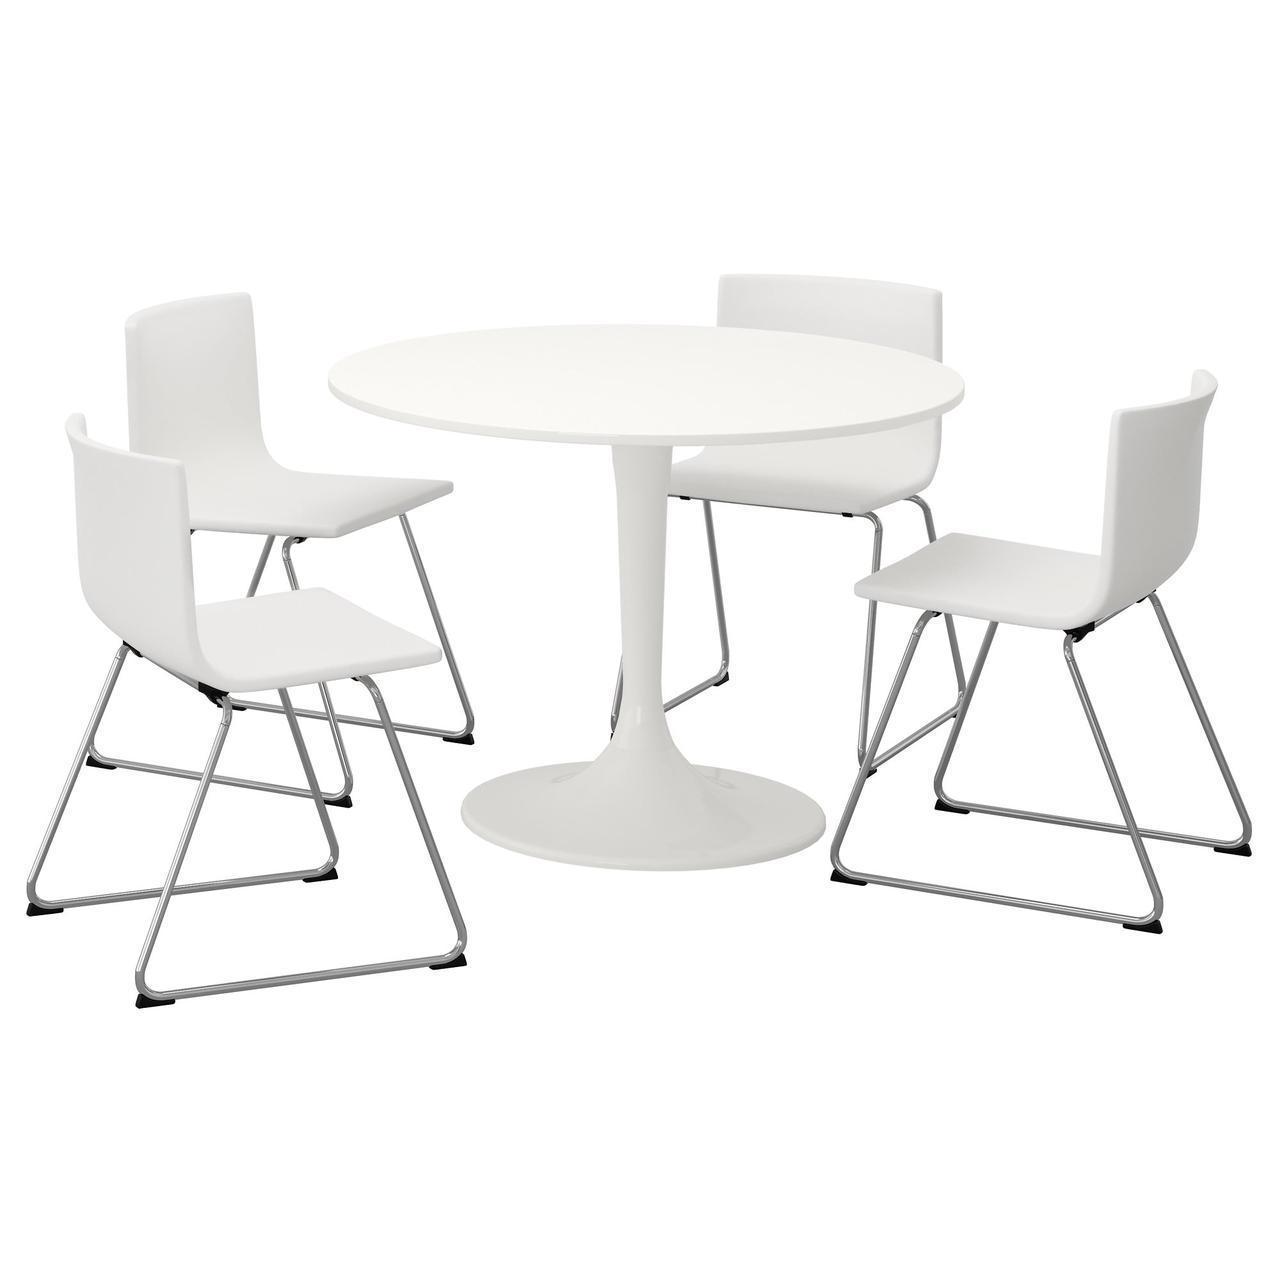 Комплект для кухни (стол и 4 стула) IKEA DOCKSTA / BERNHARD 105 см белый 192.297.95